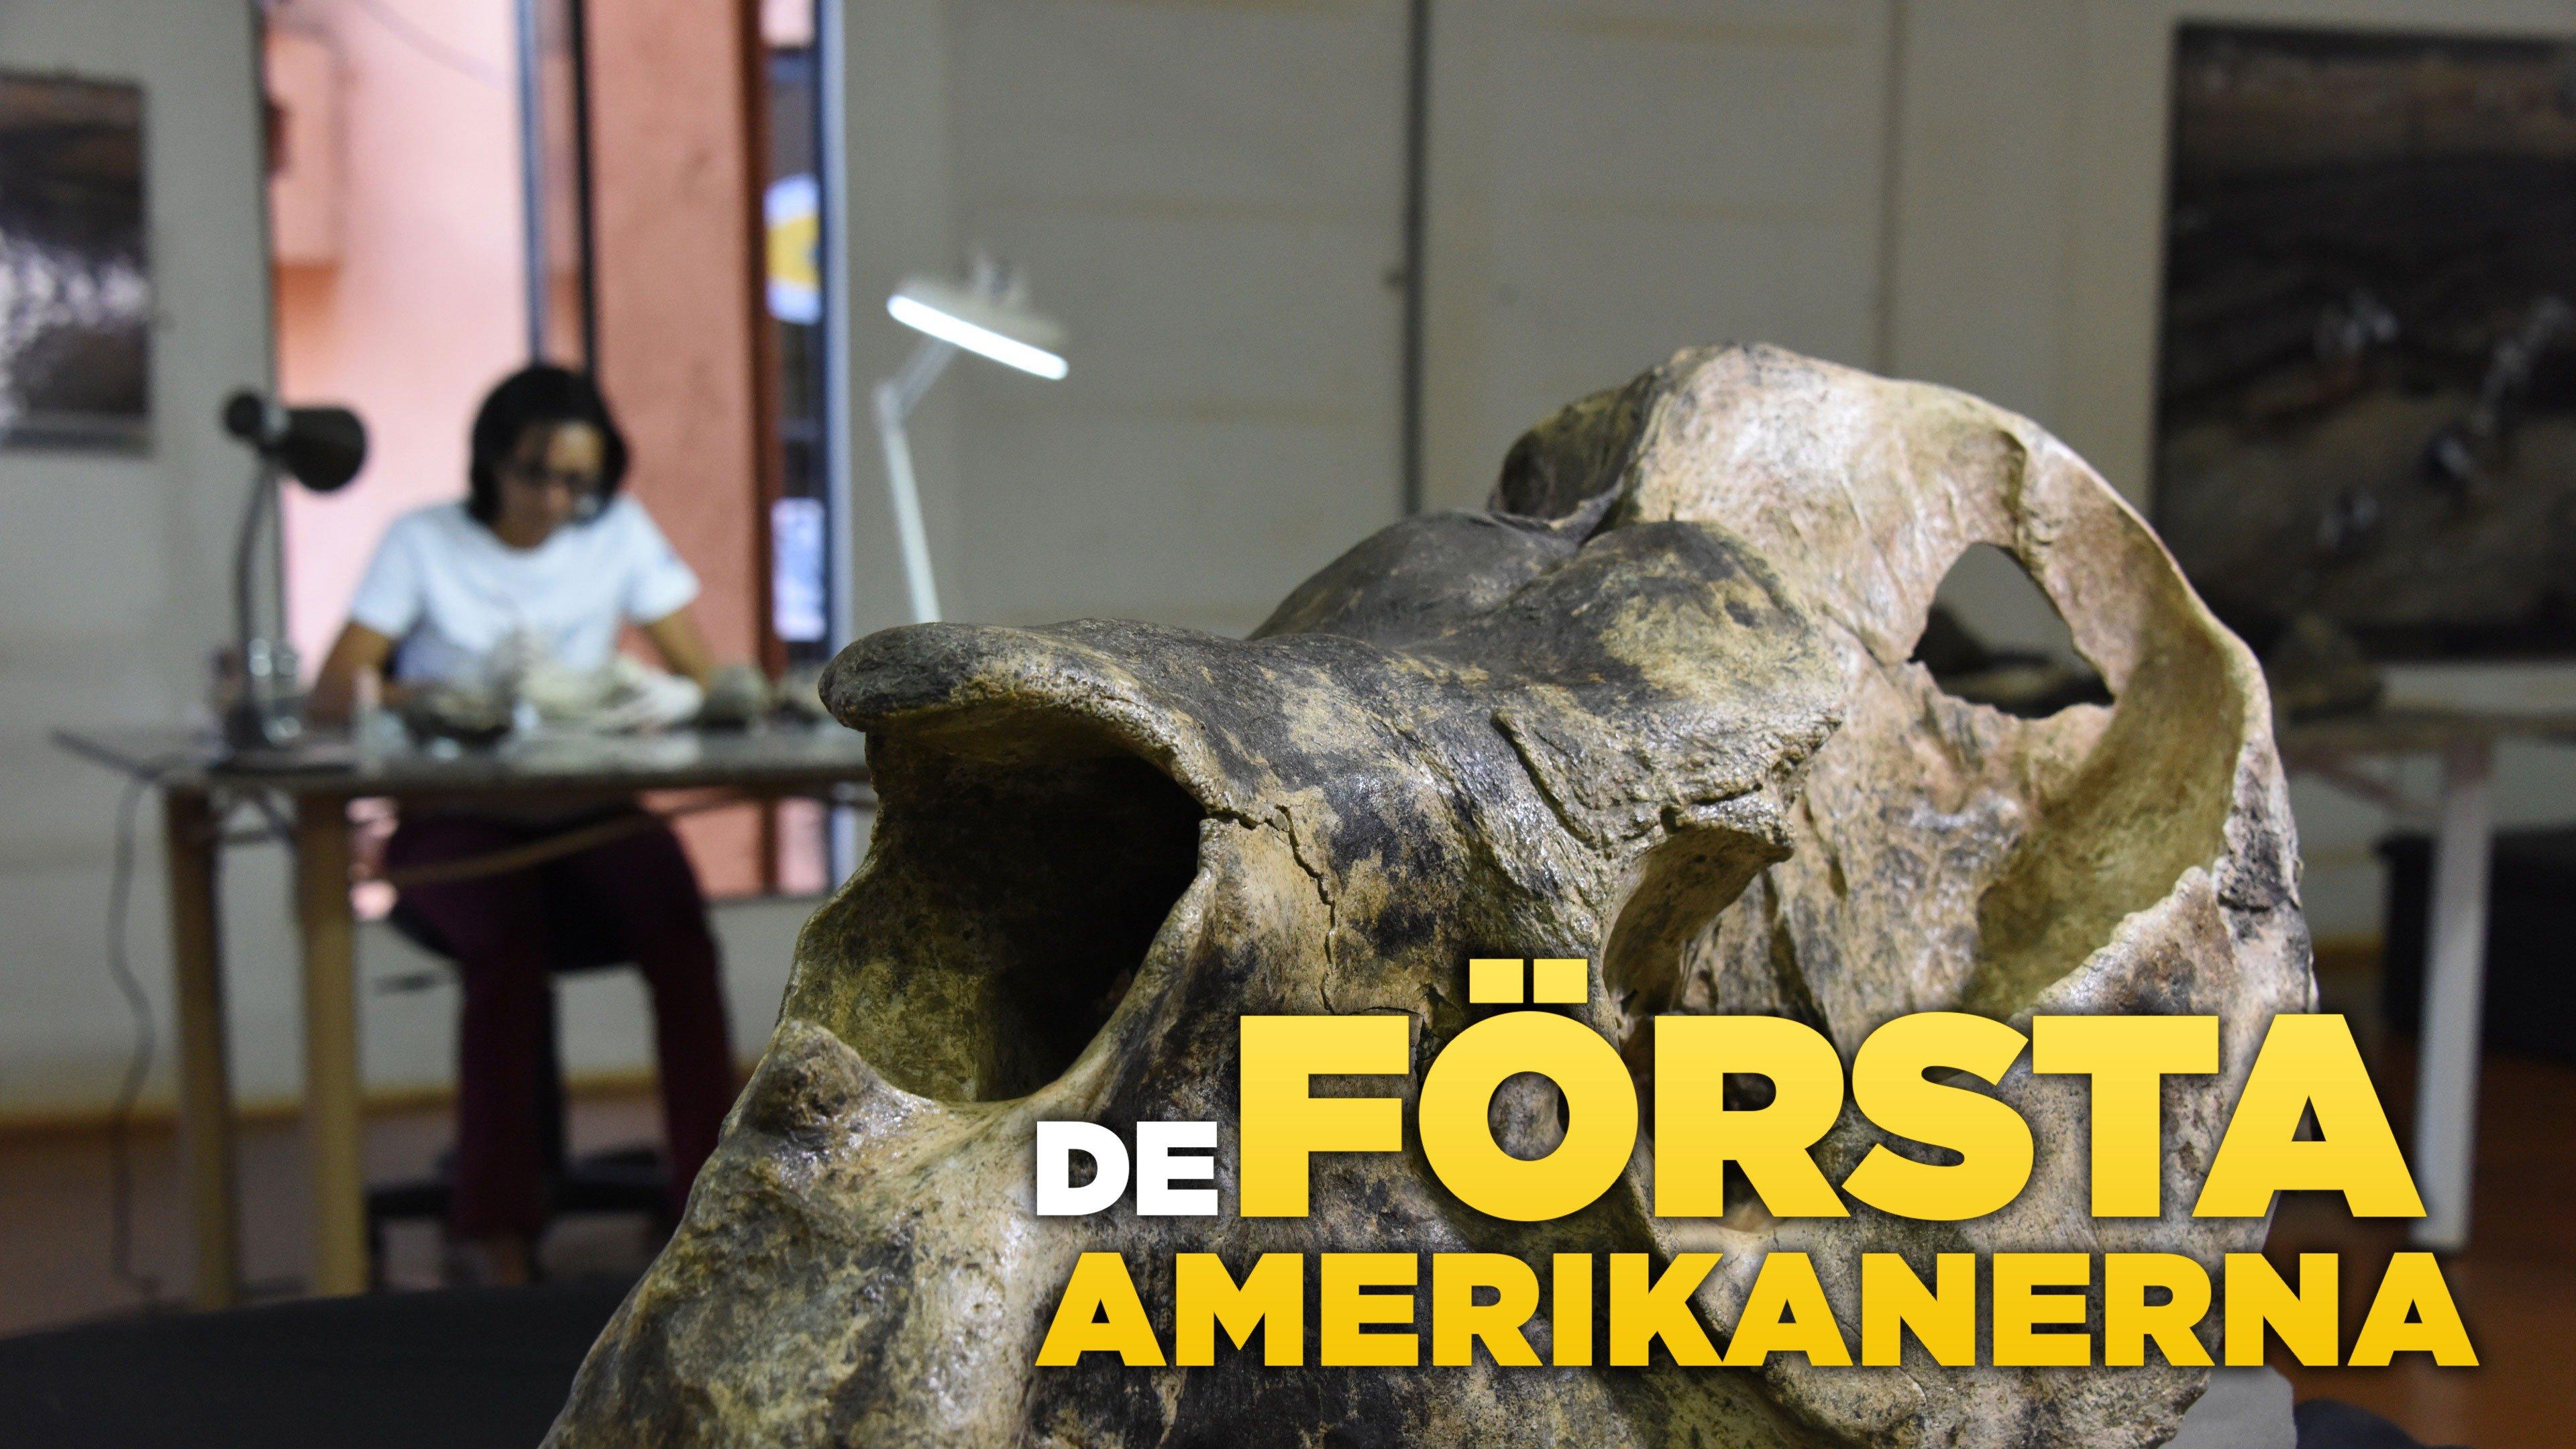 De första amerikanerna